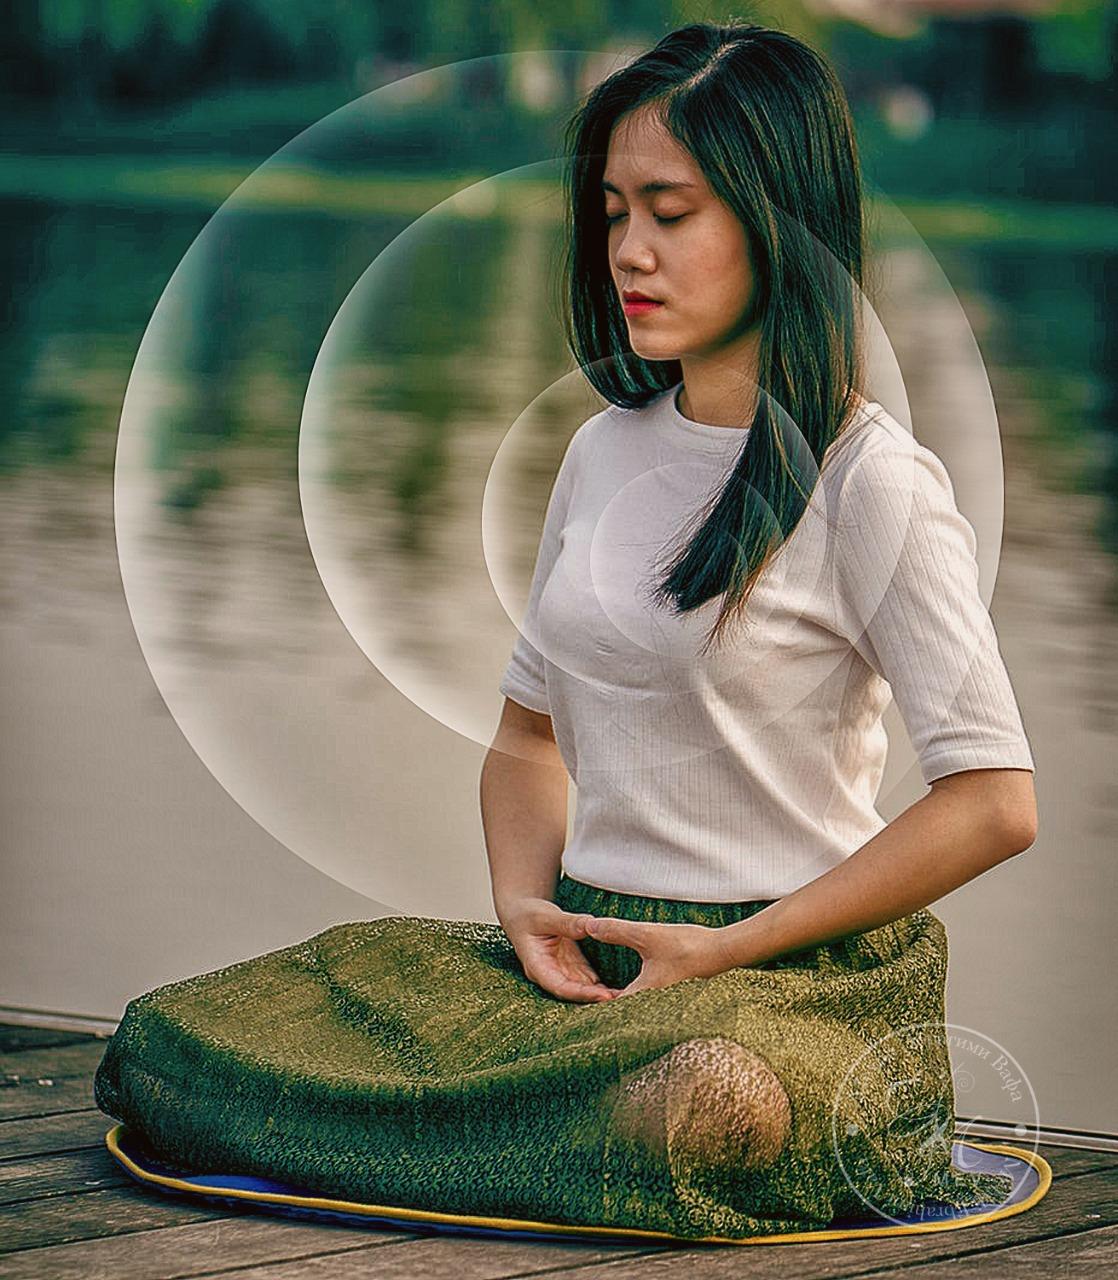 Экстрасенс Мехди: Как использовать самовнушение себе во благо?